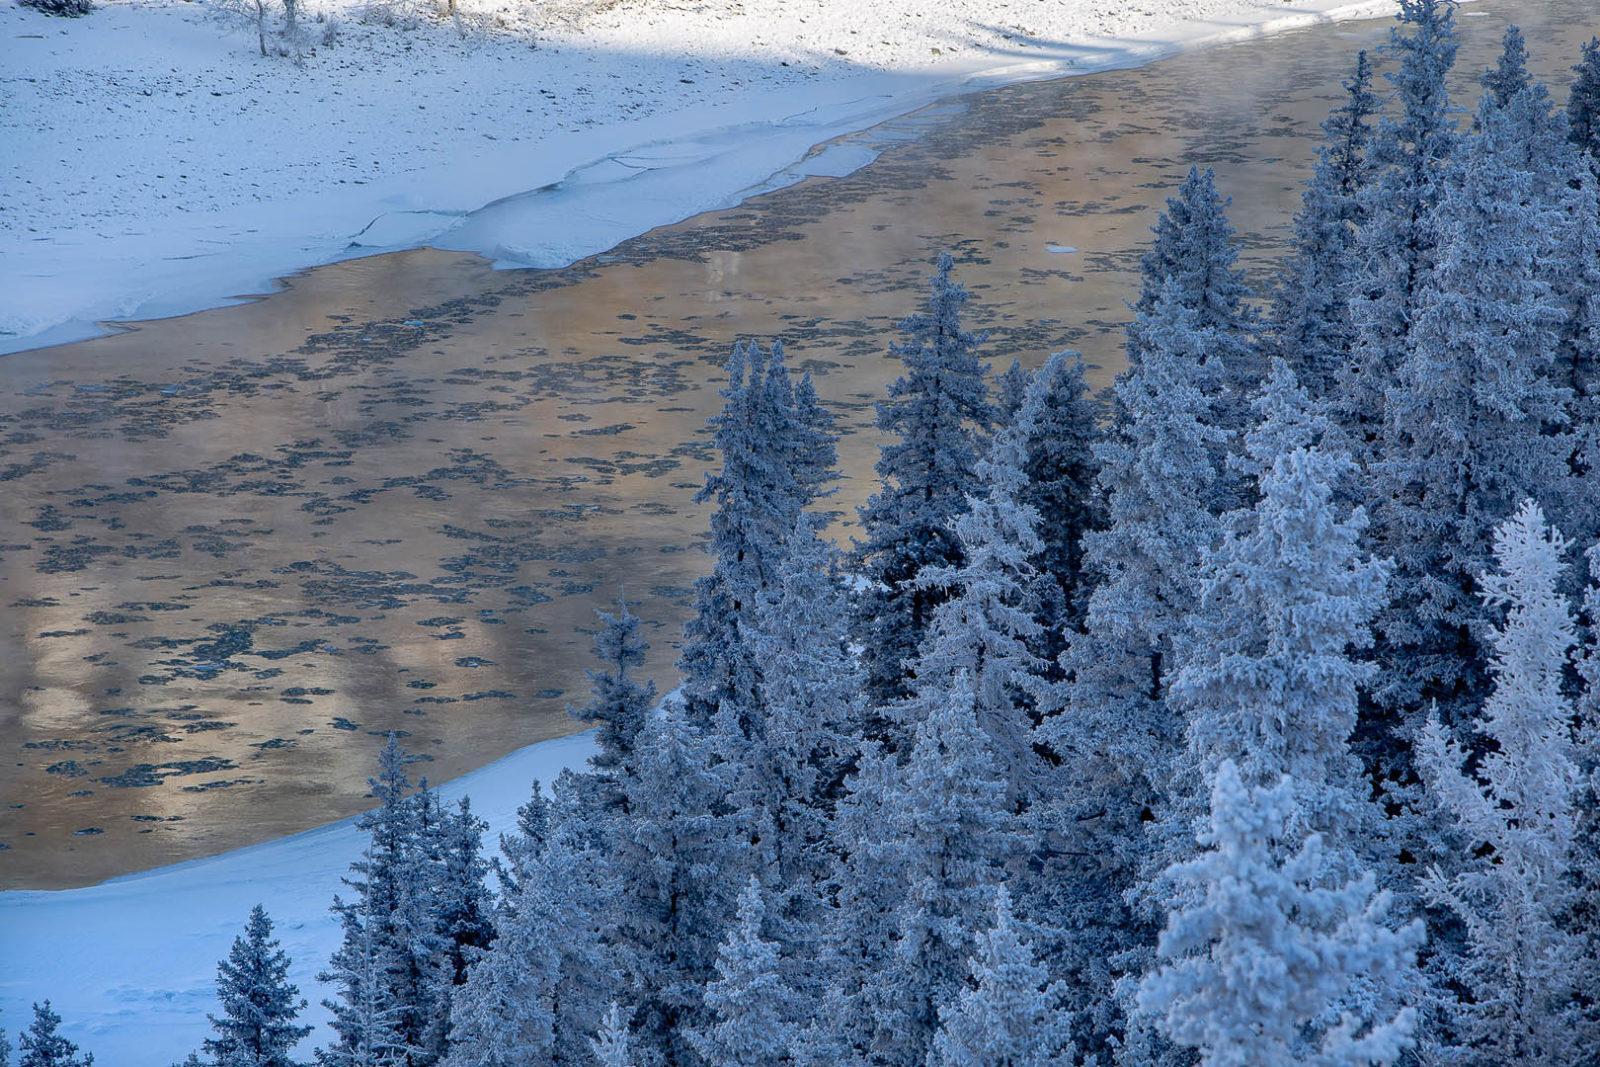 Зимний тур по Алтаю «Страна застывших водопадов» 7 дней - 2021 год!